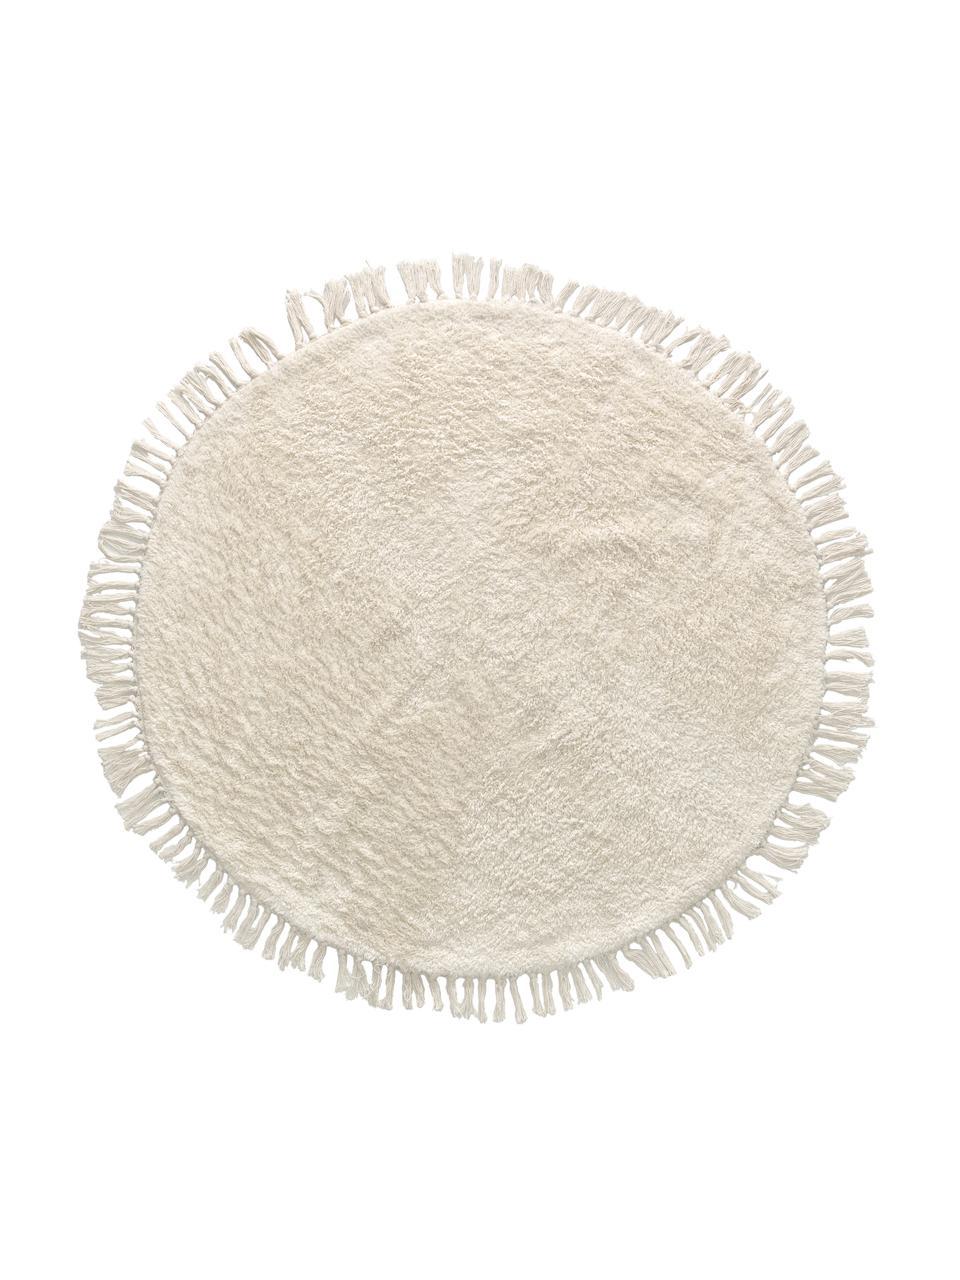 Tapis rond avec franges coton Orwen, Blanc